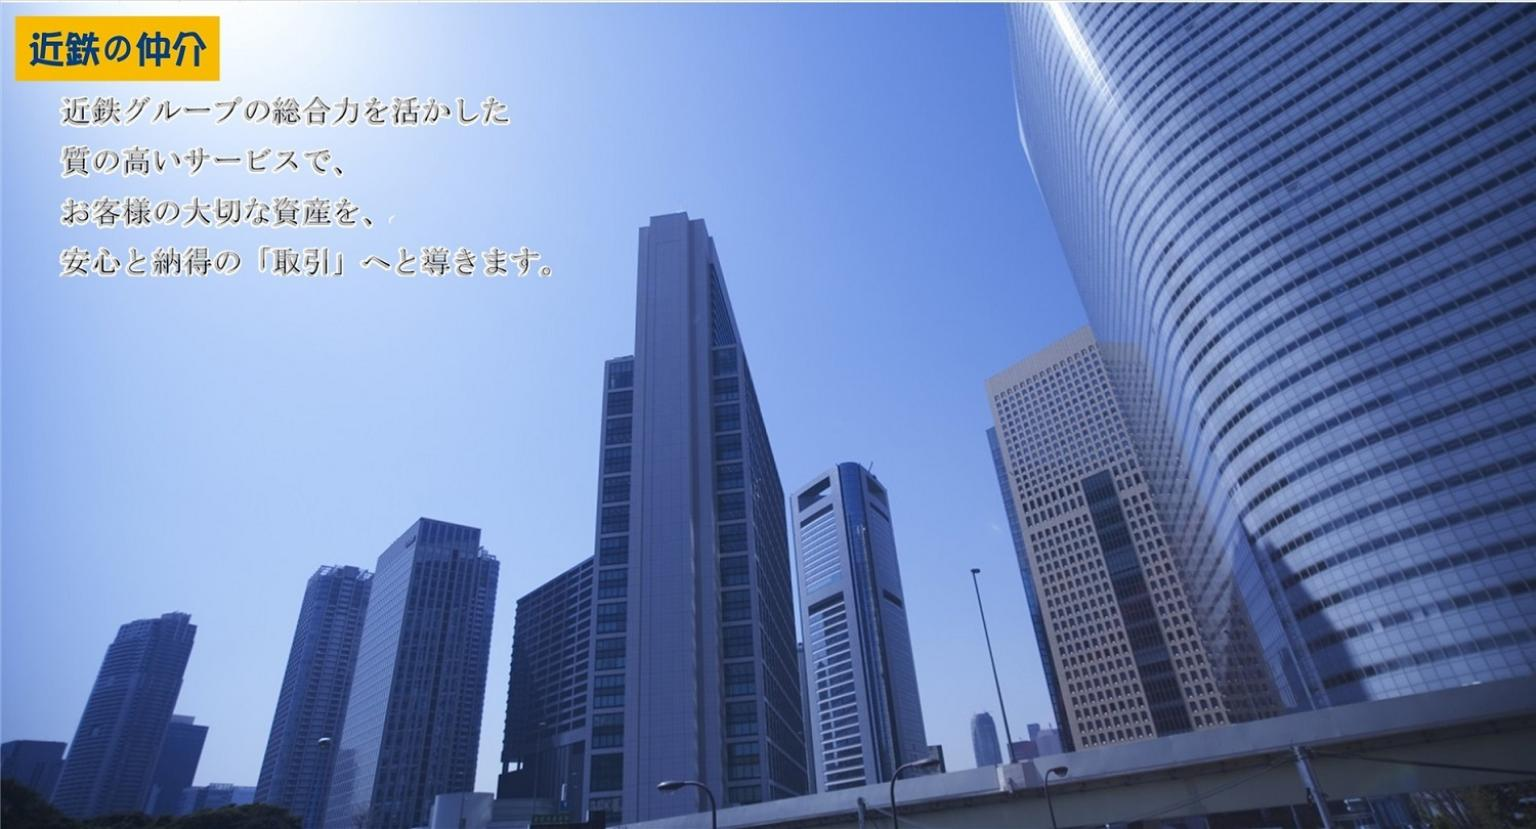 近鉄不動産株式会社 甲子園営業所